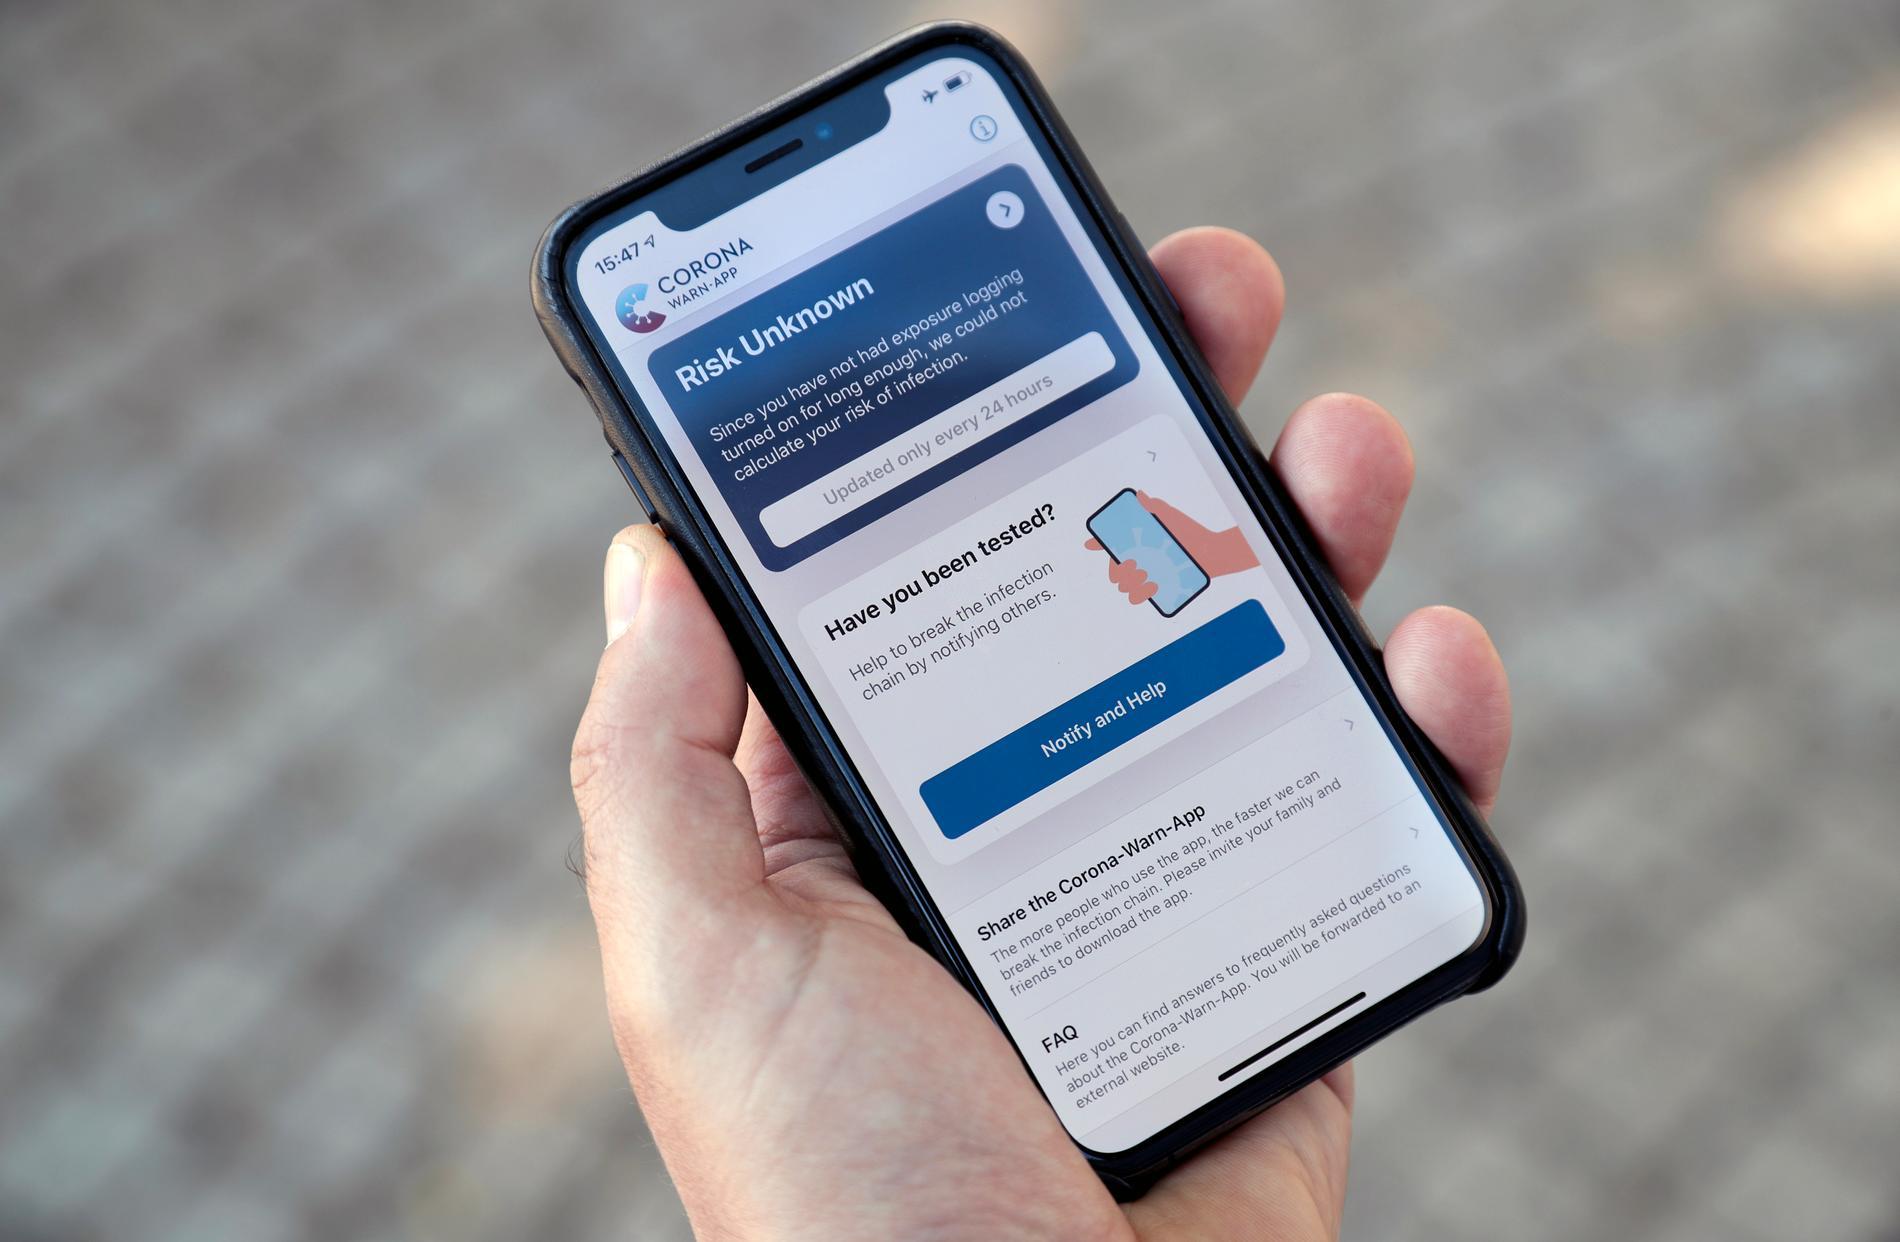 En person kollar på en smittspårningsapp i mobiltelefonen. Arkivbild